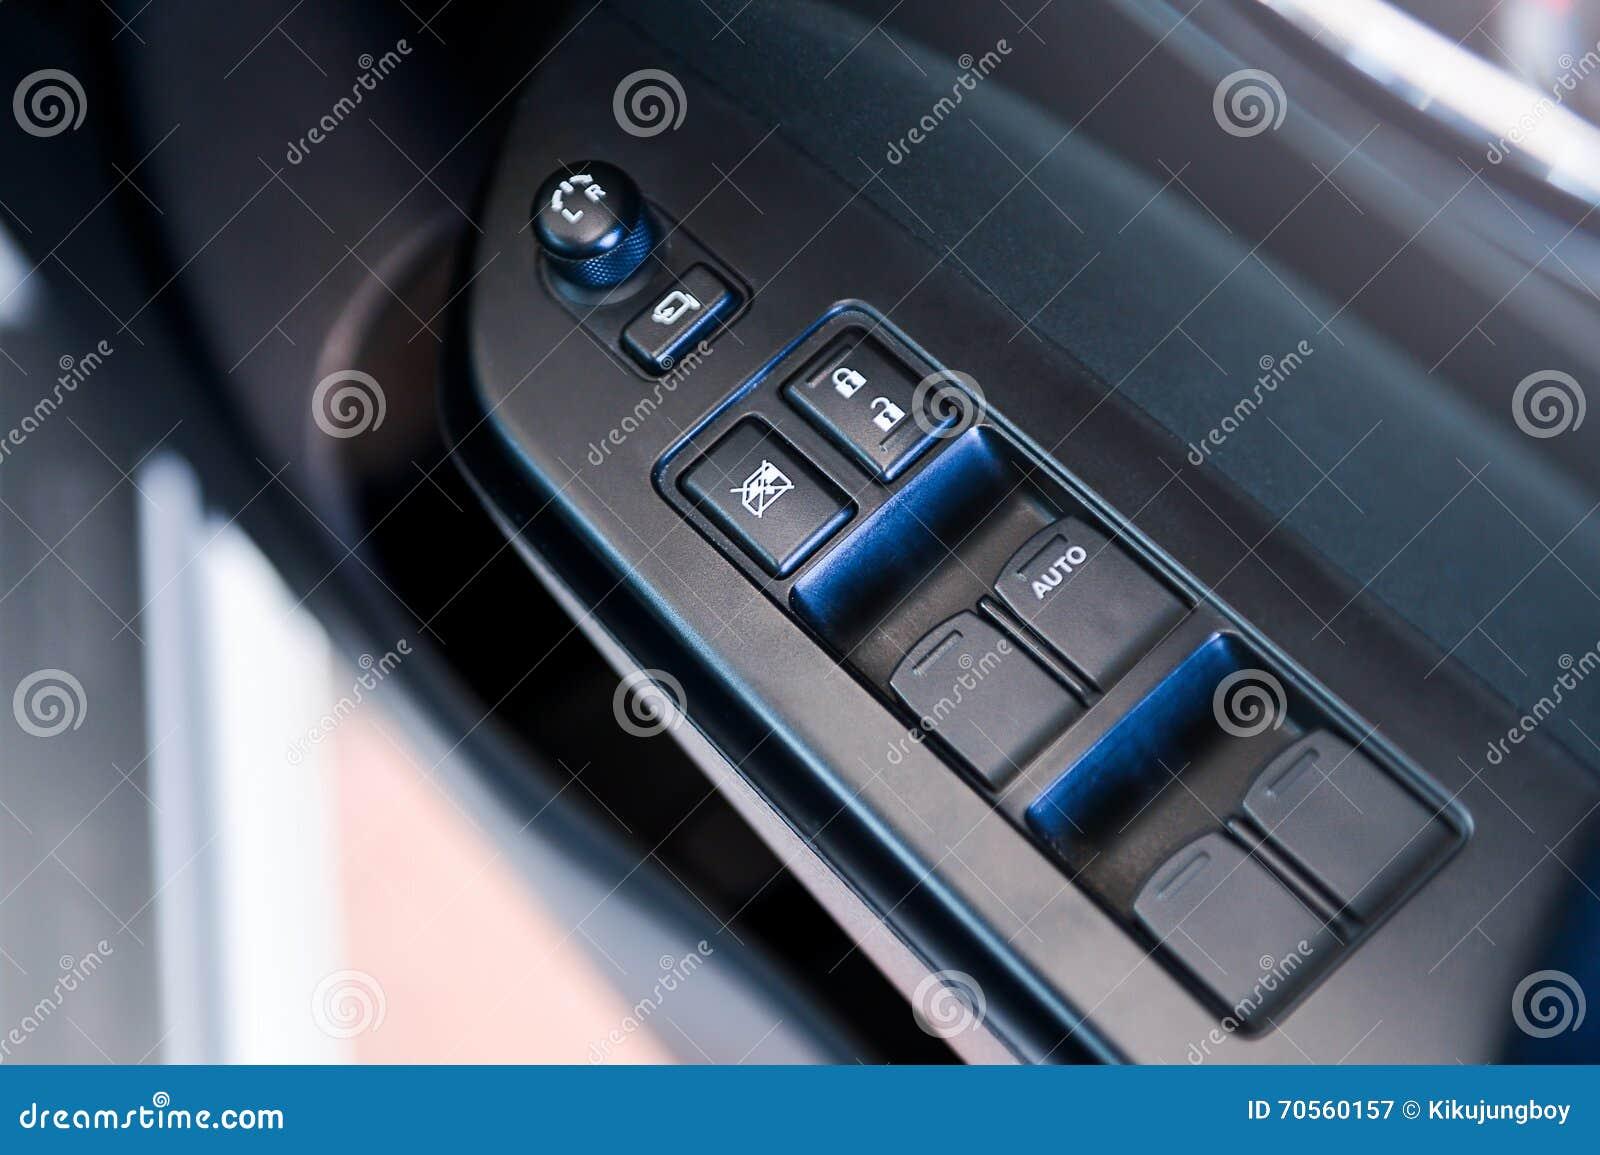 repos int rieur de bras de porti re de voiture avec le panneau de commande de fen tre serrure. Black Bedroom Furniture Sets. Home Design Ideas